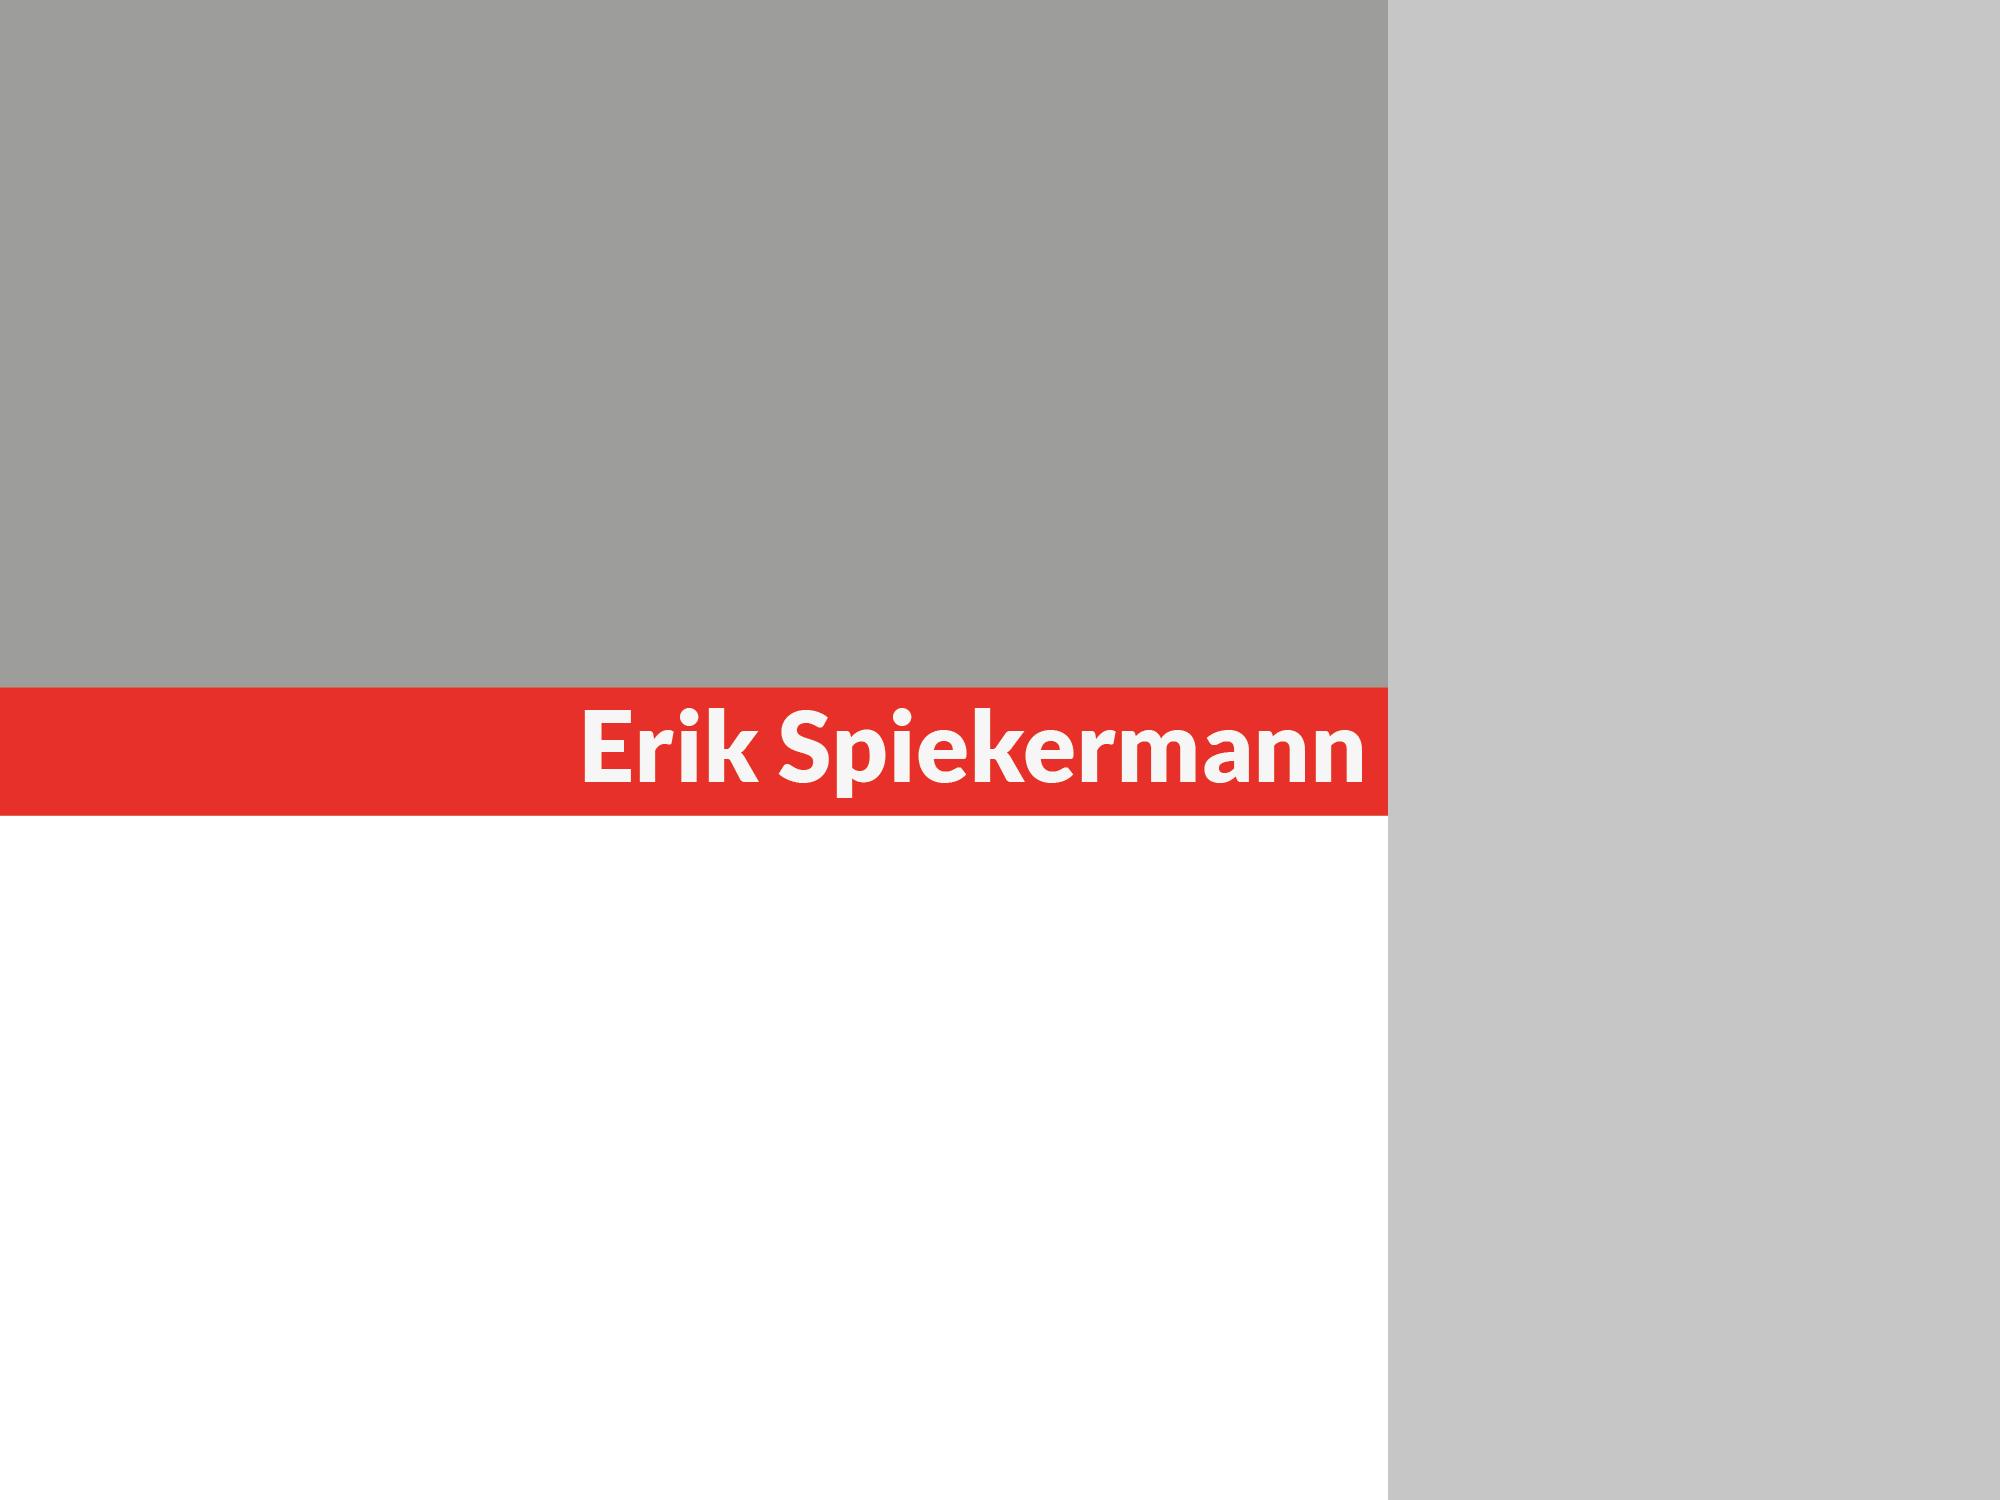 Design Persönlichkeiten: Erik Spiekermann